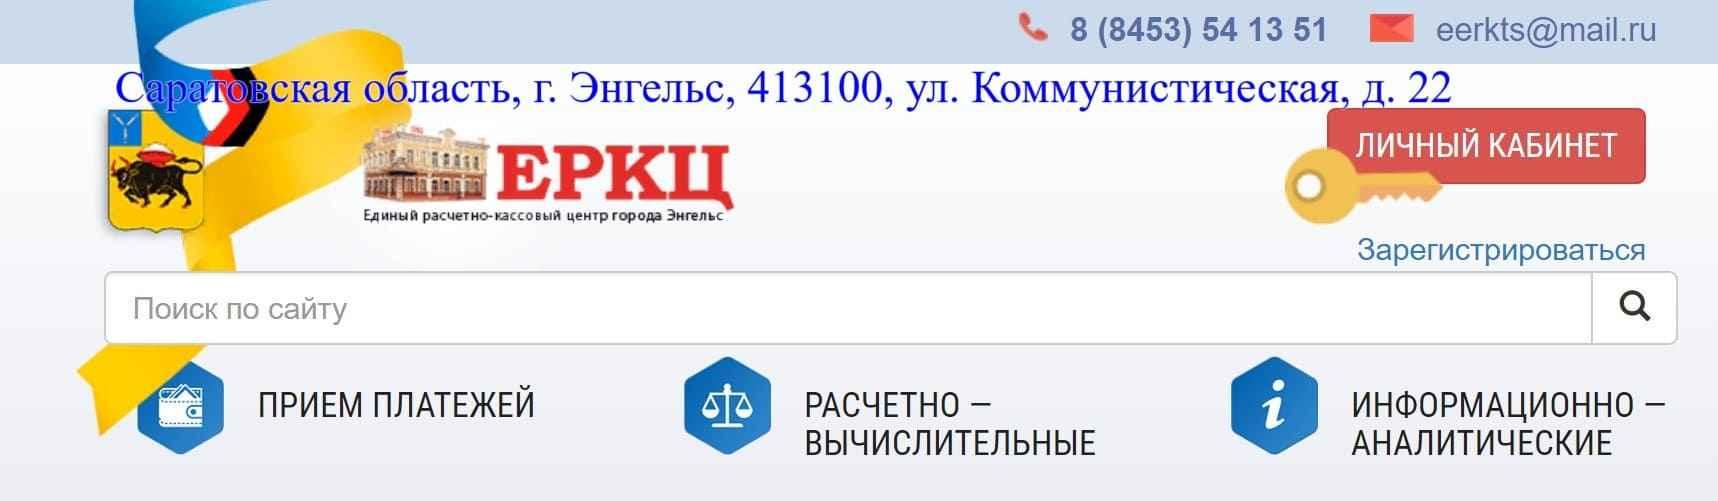 ЕРКЦ Энгельс личный кабинет